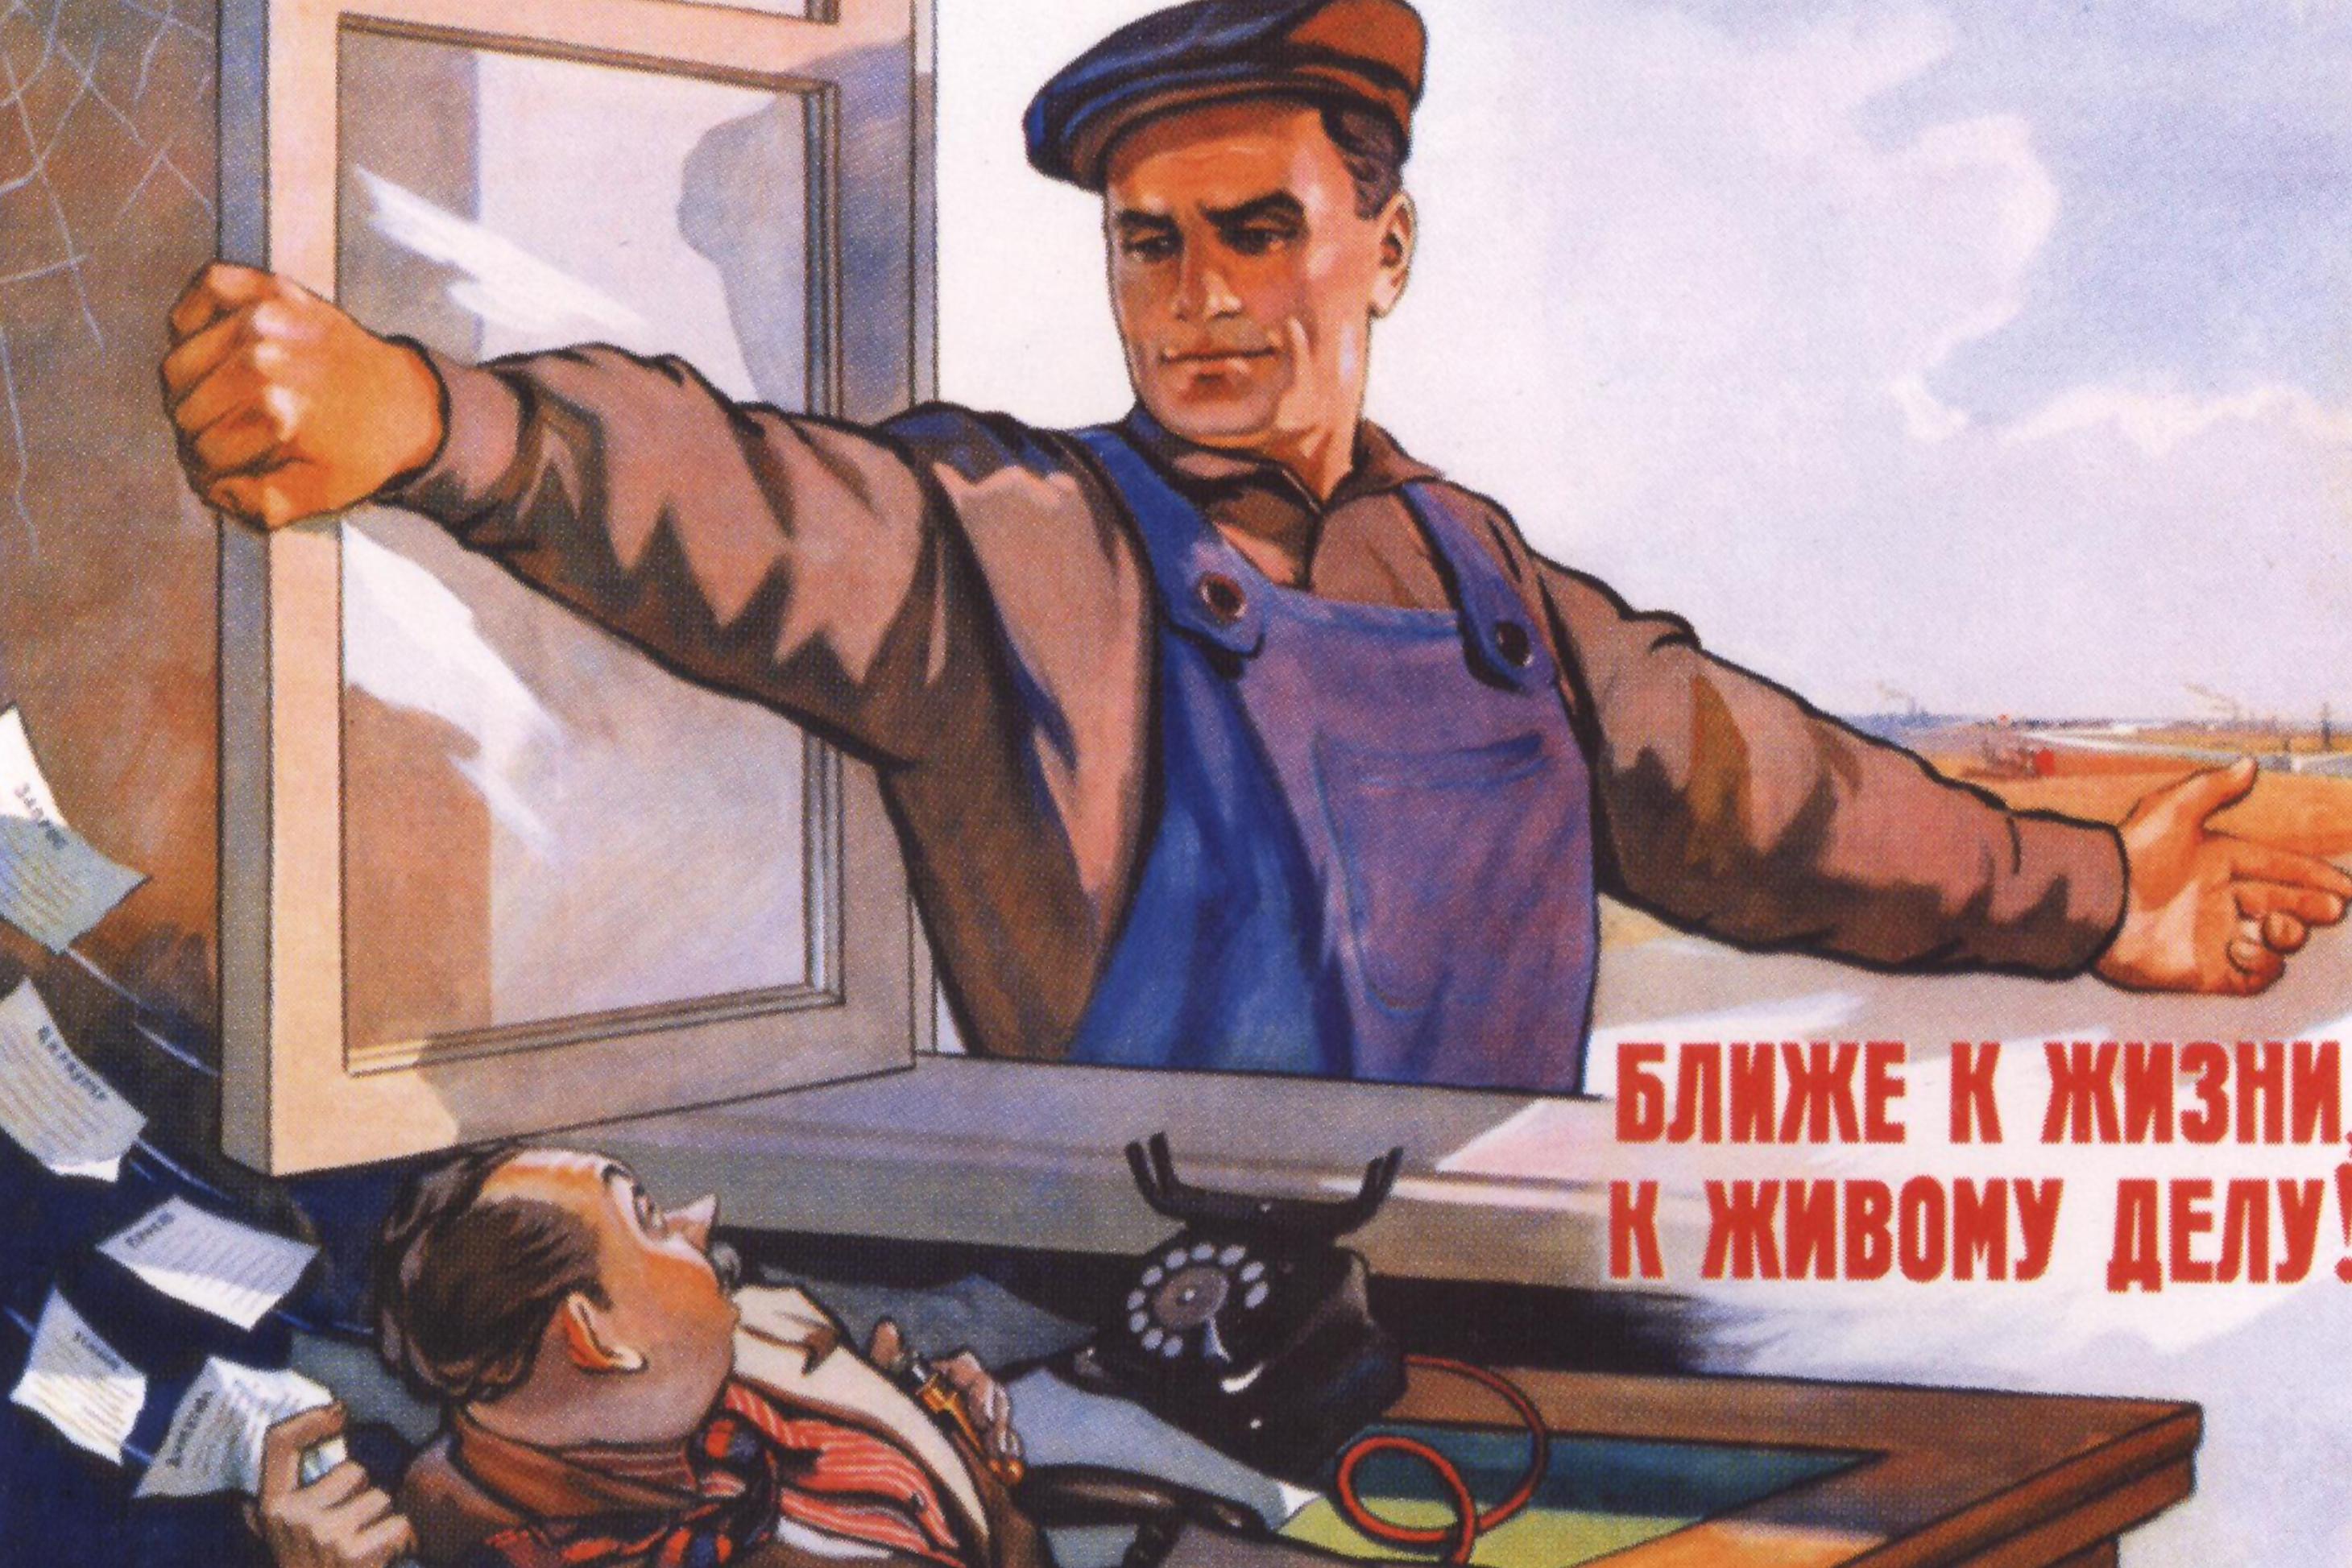 Романтическими, смешные картинки про труд